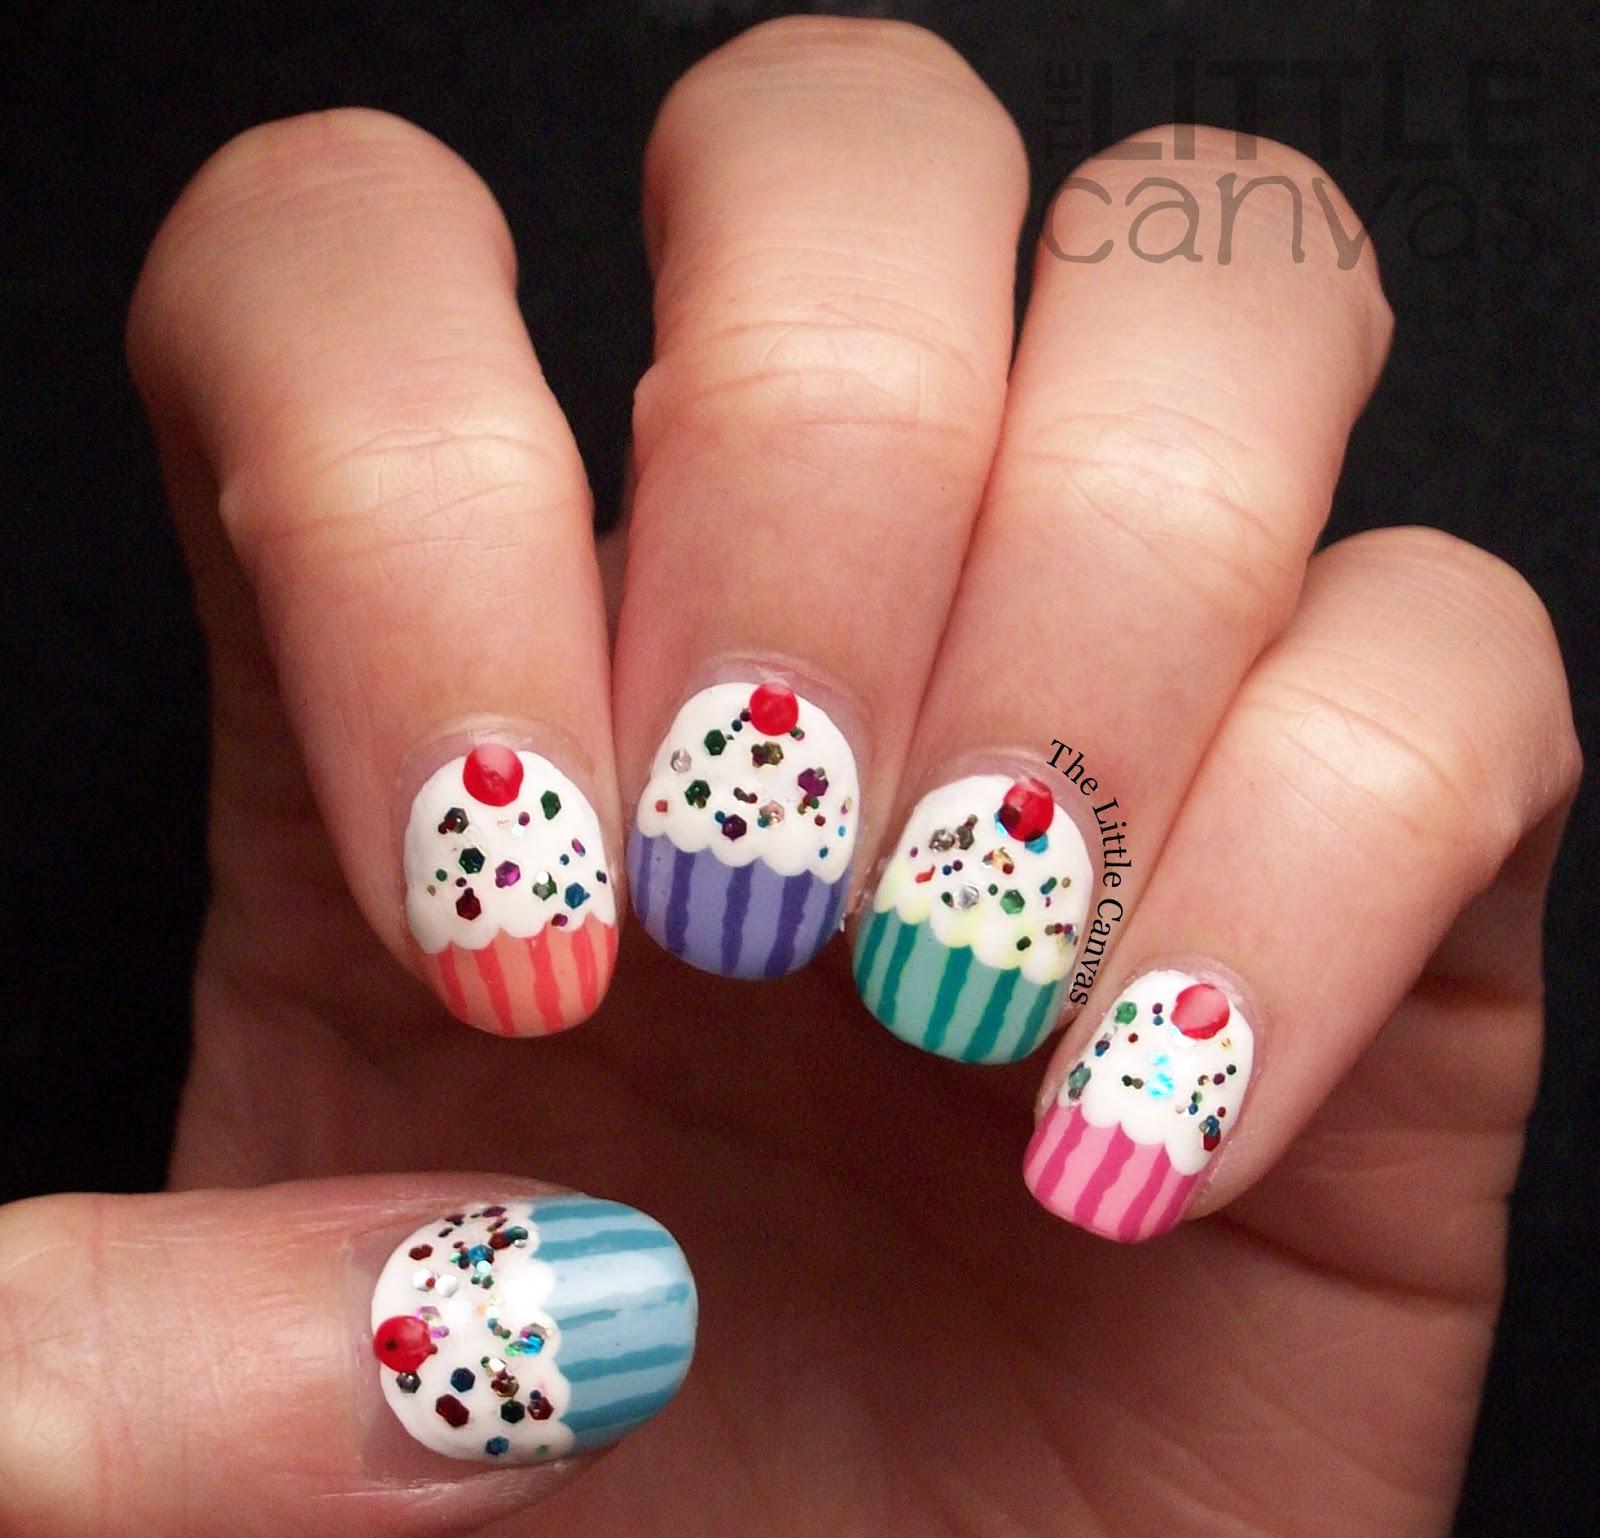 Cupcakes Nails!